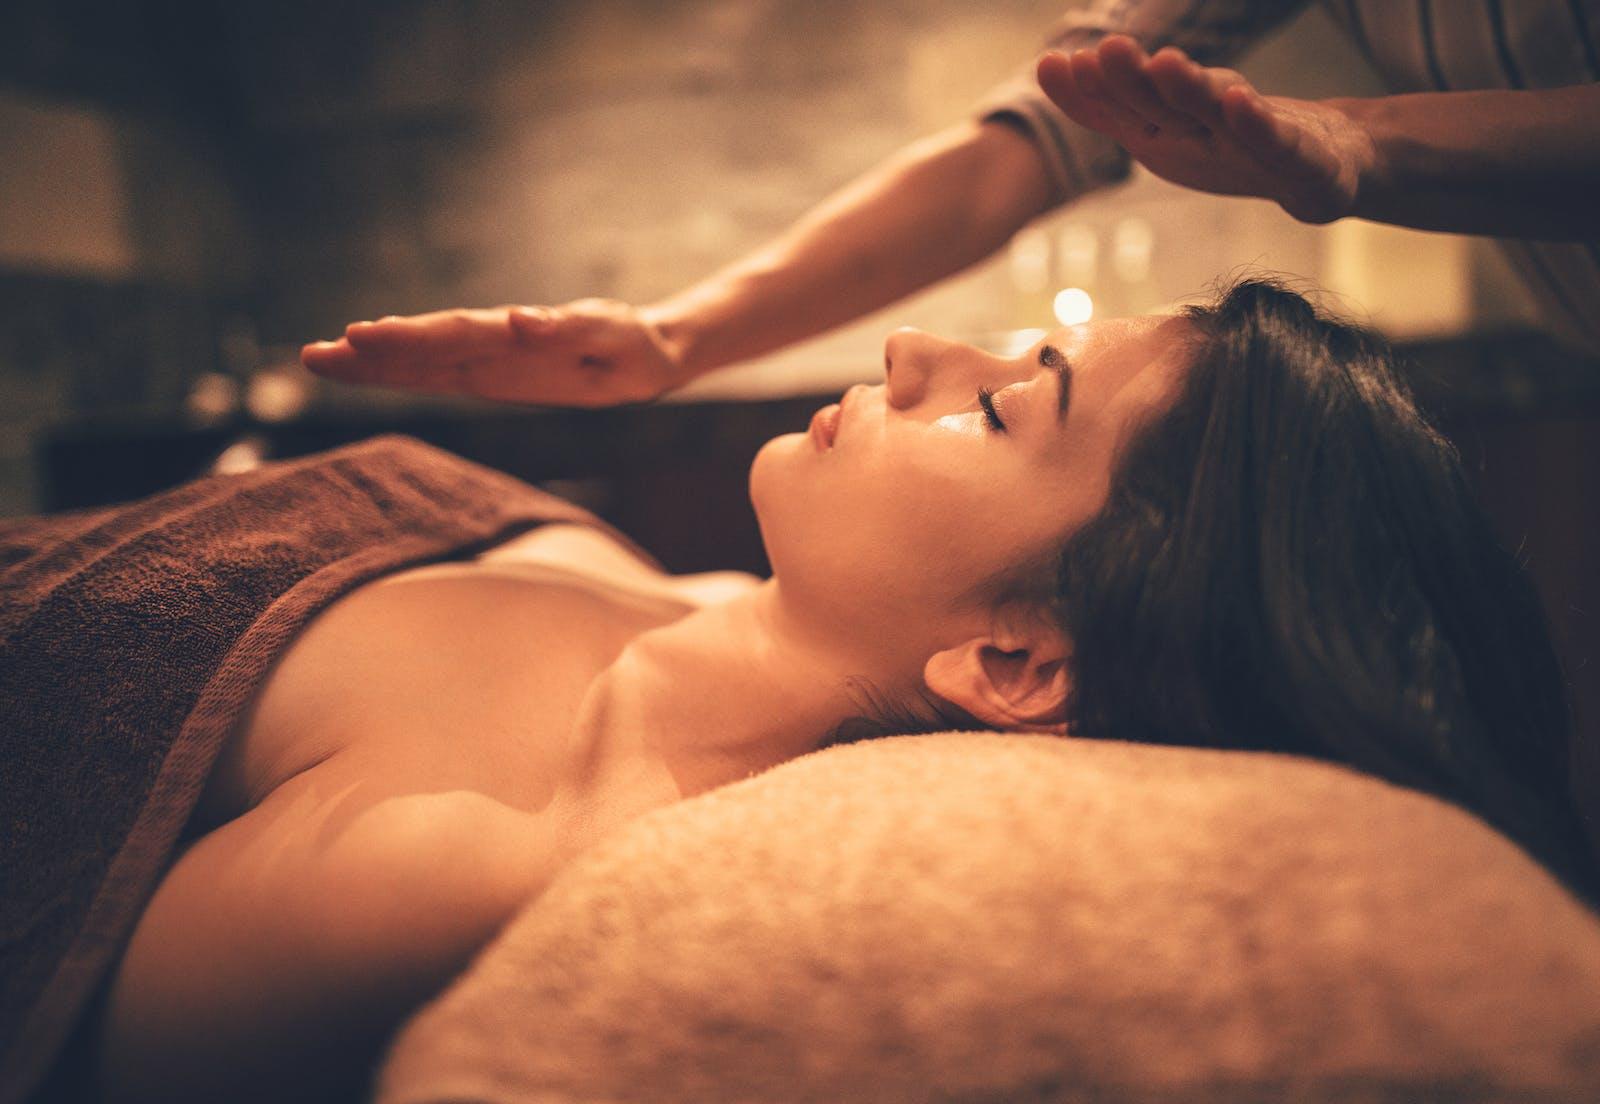 Soin bien être et massage aux pierres chaudes – coaching – programme de coaching – soin énergétique Reiki – LaHoChi.